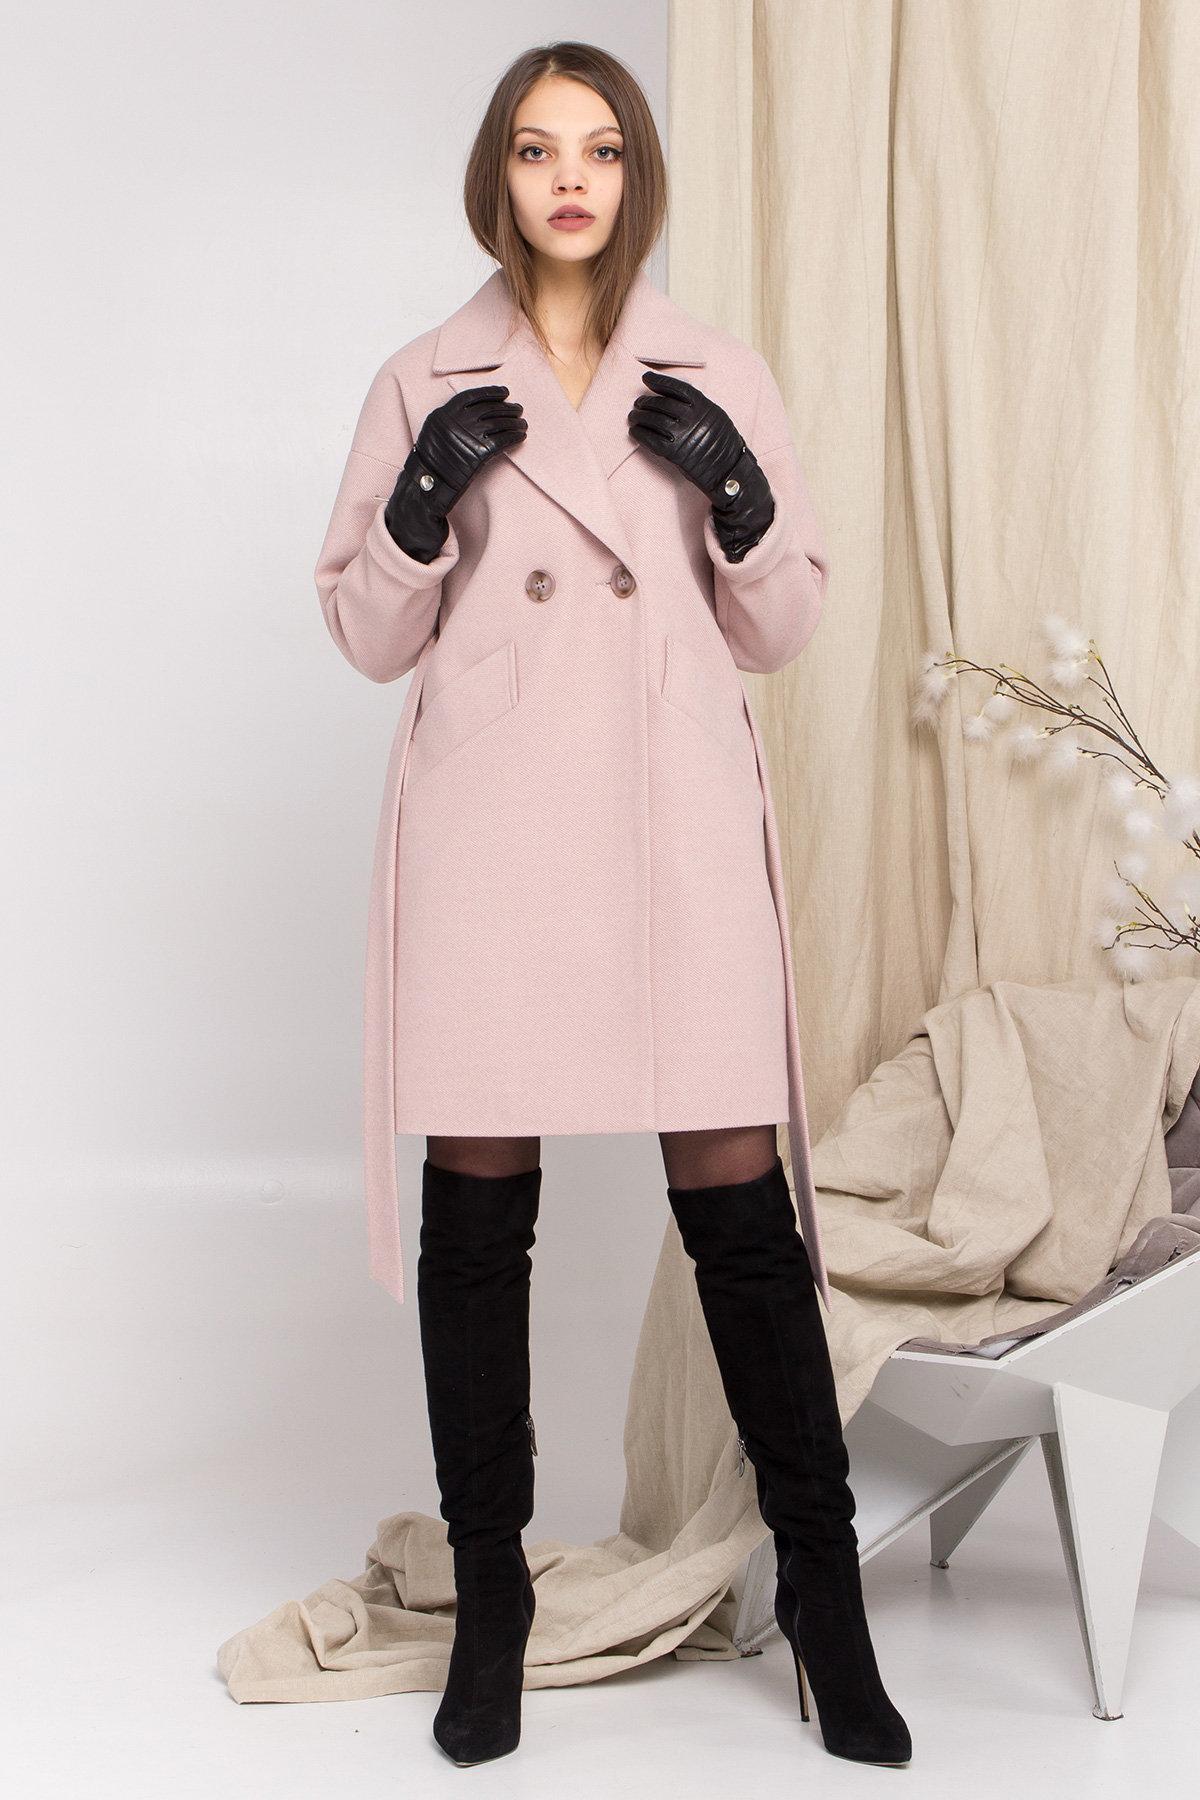 Пальто Сенсей 8907 АРТ. 45220 Цвет: Пудра - фото 1, интернет магазин tm-modus.ru